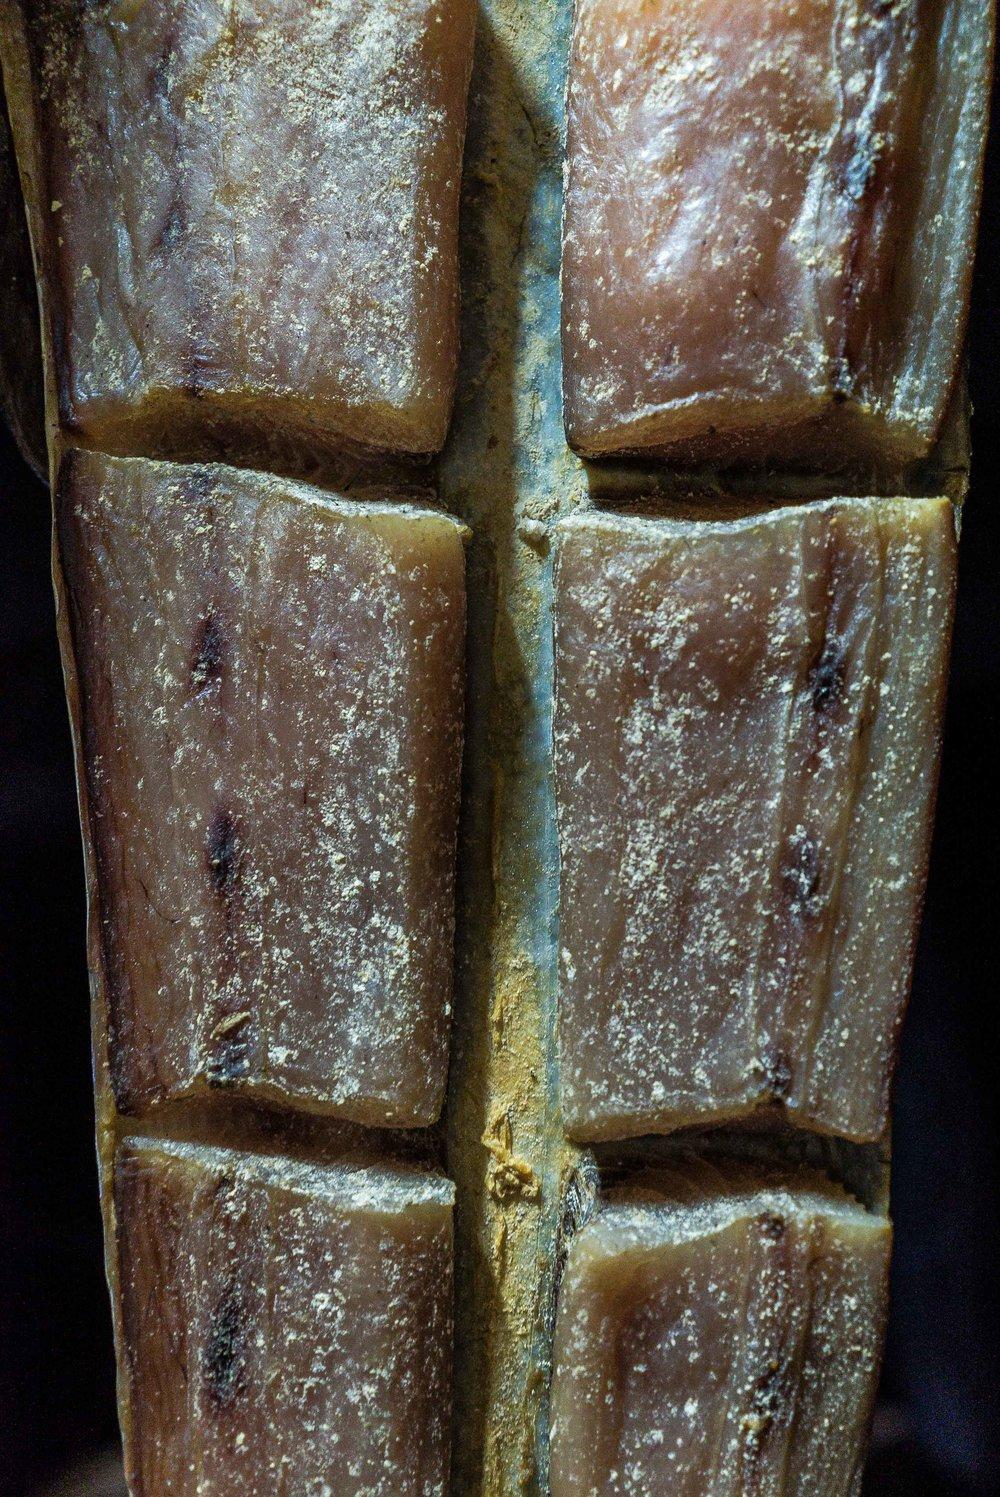 A closer look at a sliced dorado.